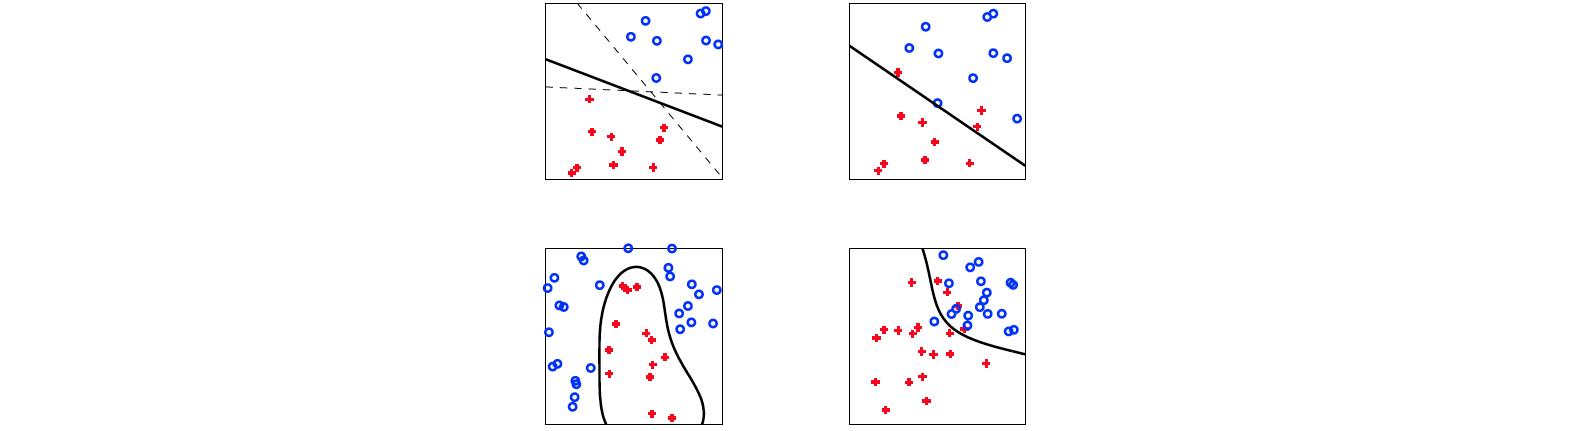 Exemple de problèmes jouets de classification binaire (à deux classes). L'appentissage permet, à partir d'exemples (les points rouge et bleu) de trouver une frontière de classification (le trait noir) séparant les bleu des rouges.